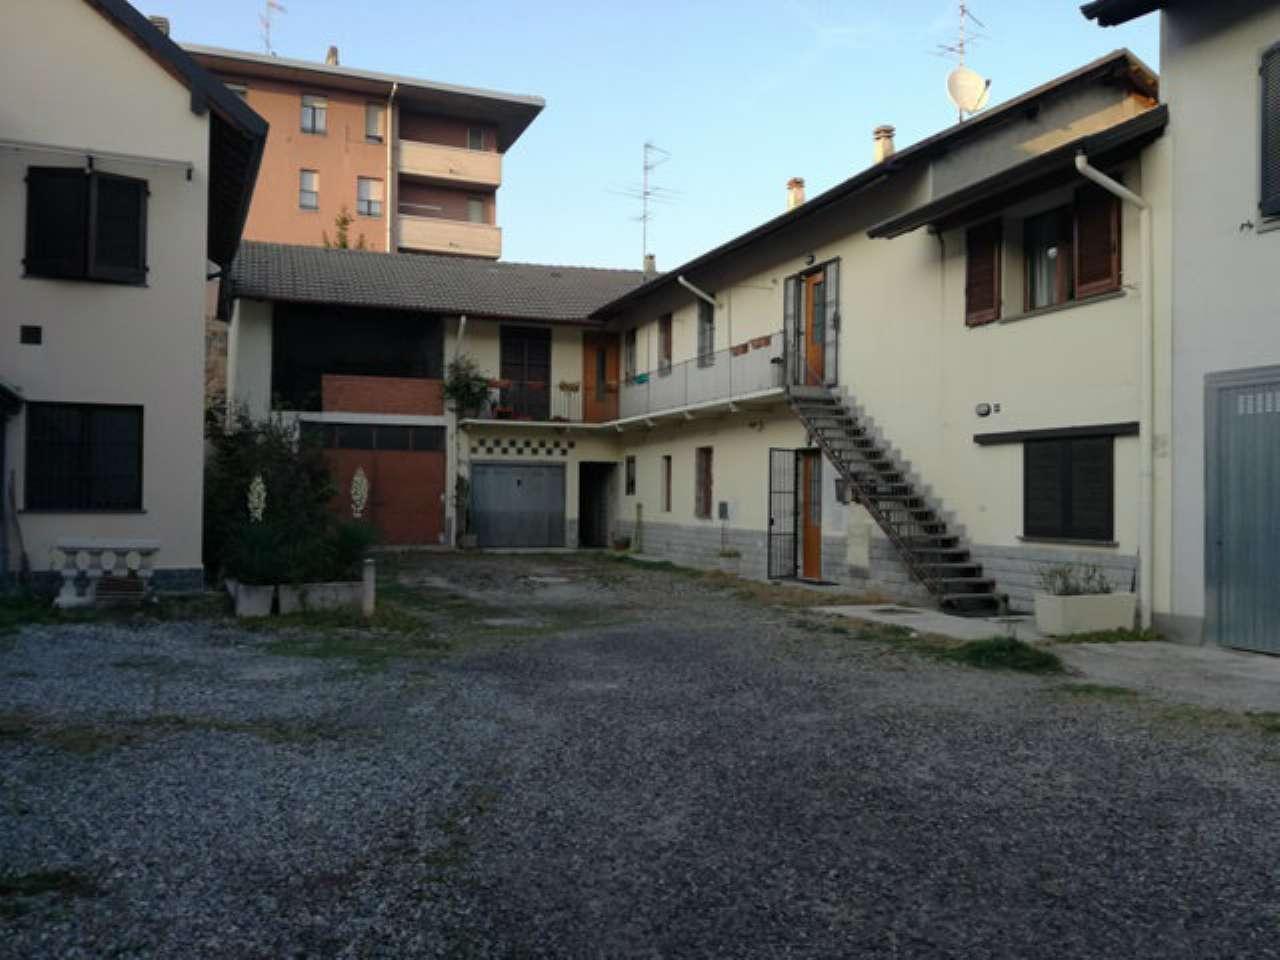 Appartamento in affitto a Paderno Dugnano, 2 locali, prezzo € 600 | CambioCasa.it